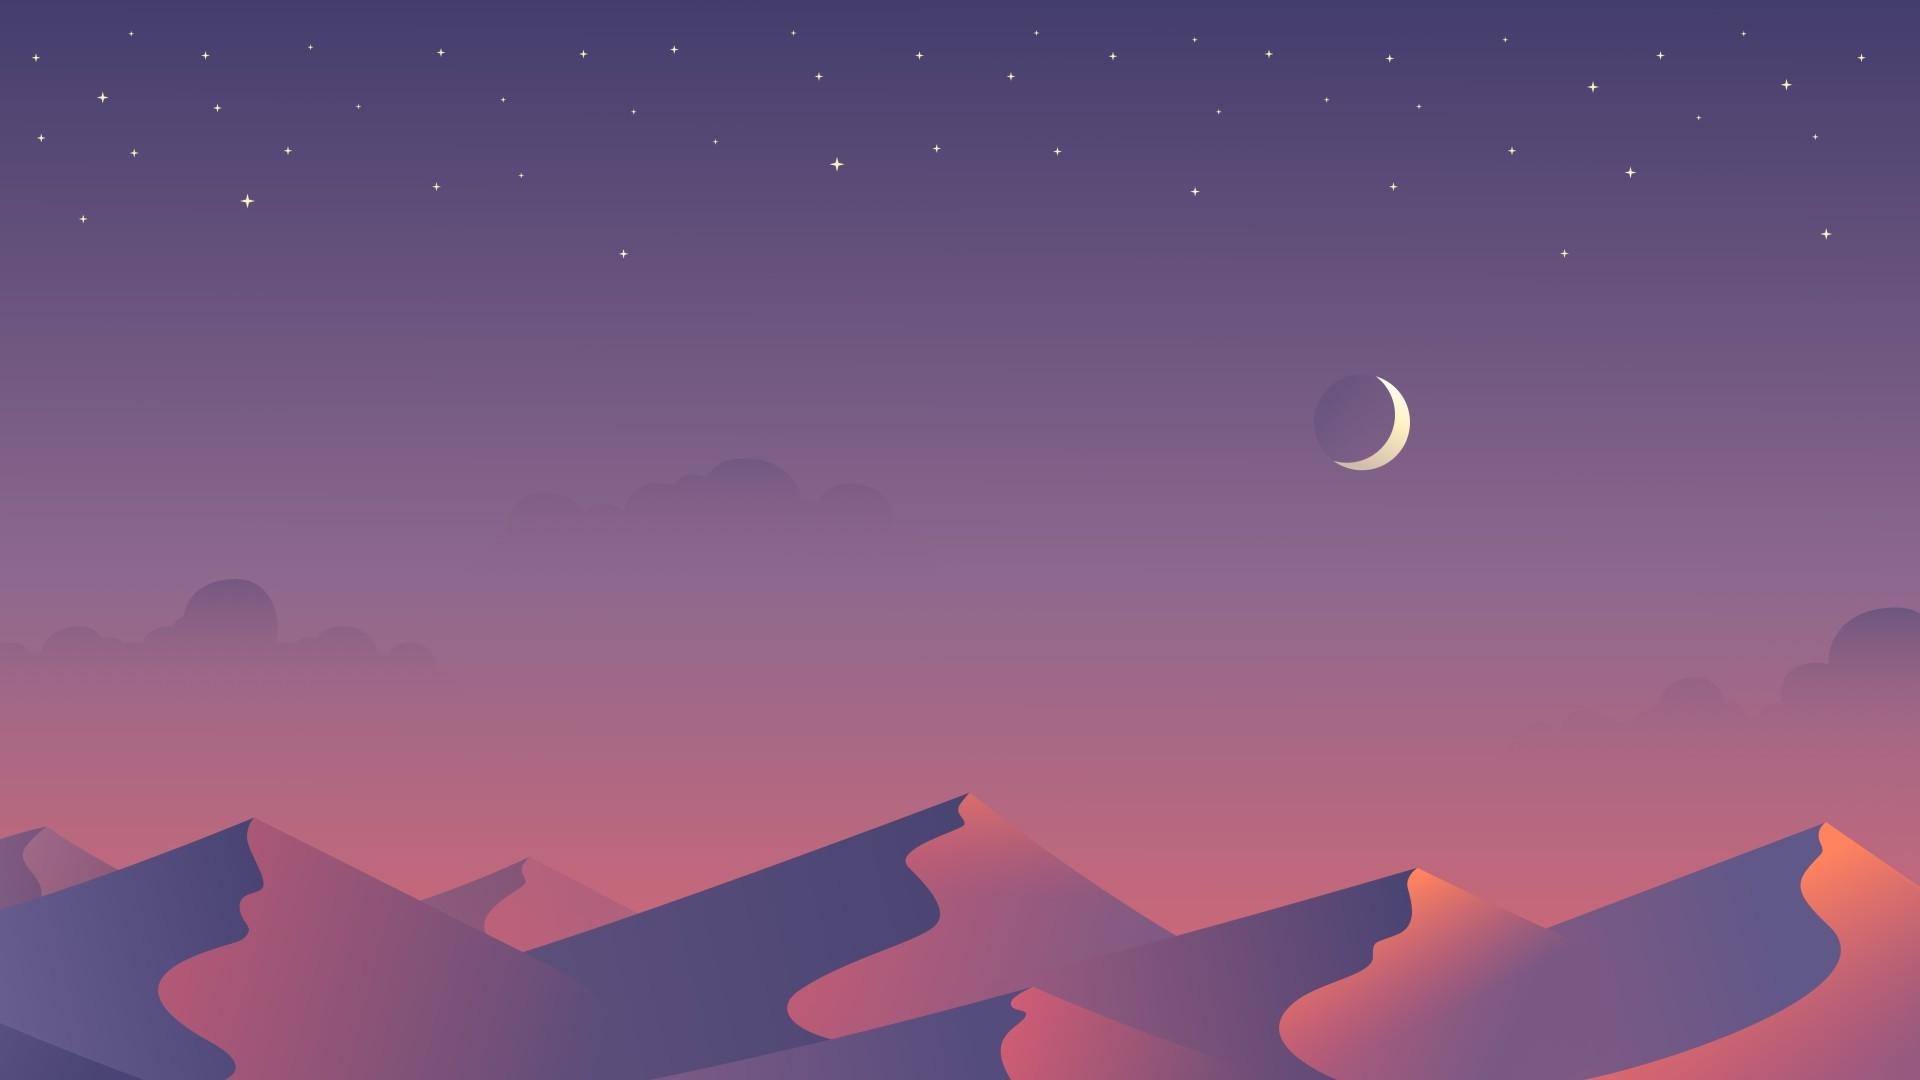 Sky Minimalist Wallpaper